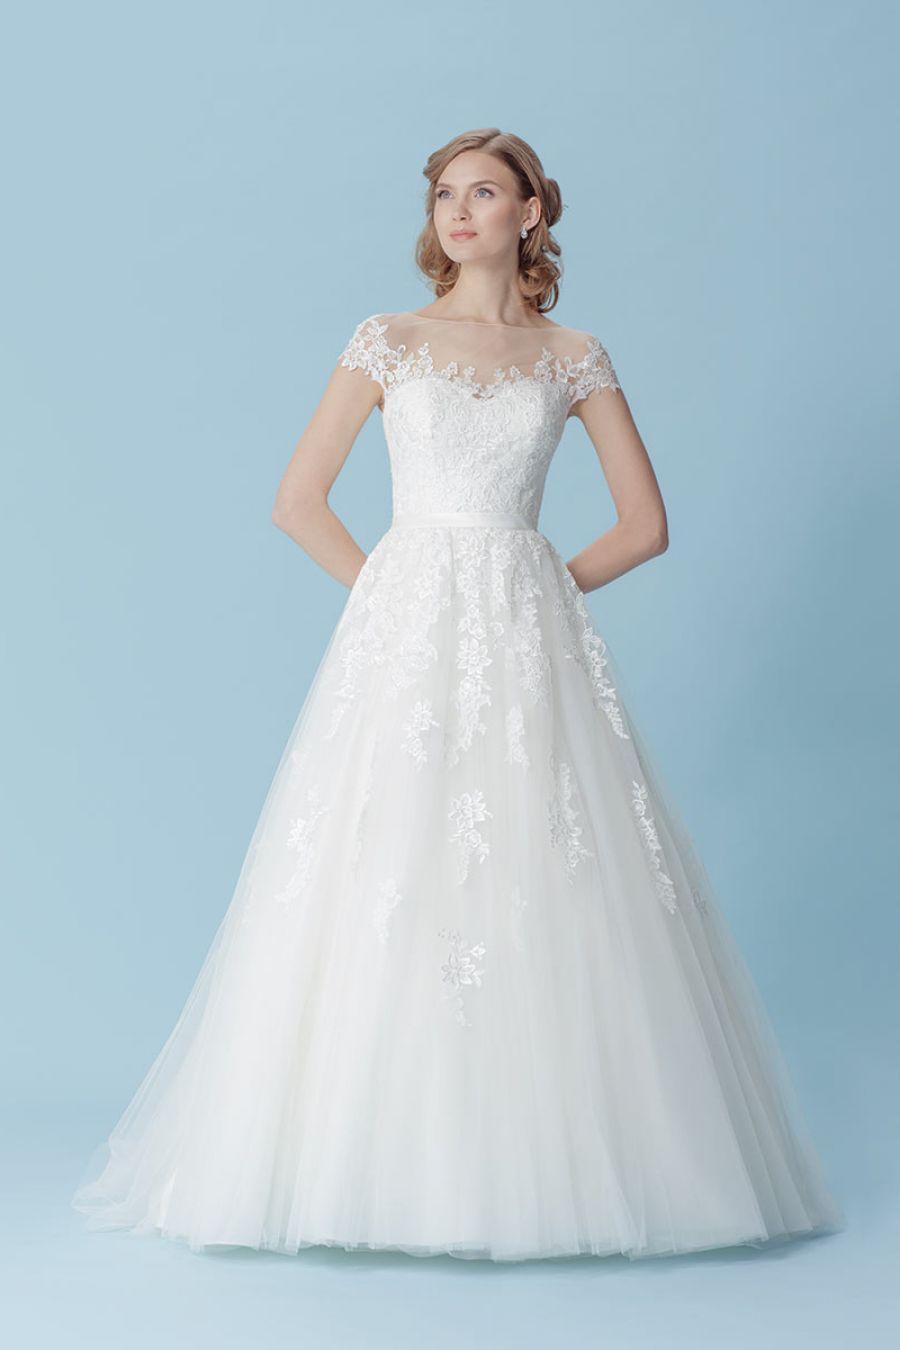 Brautkleider von Victoria & Vincent - Schmetterling Brautkleid aus